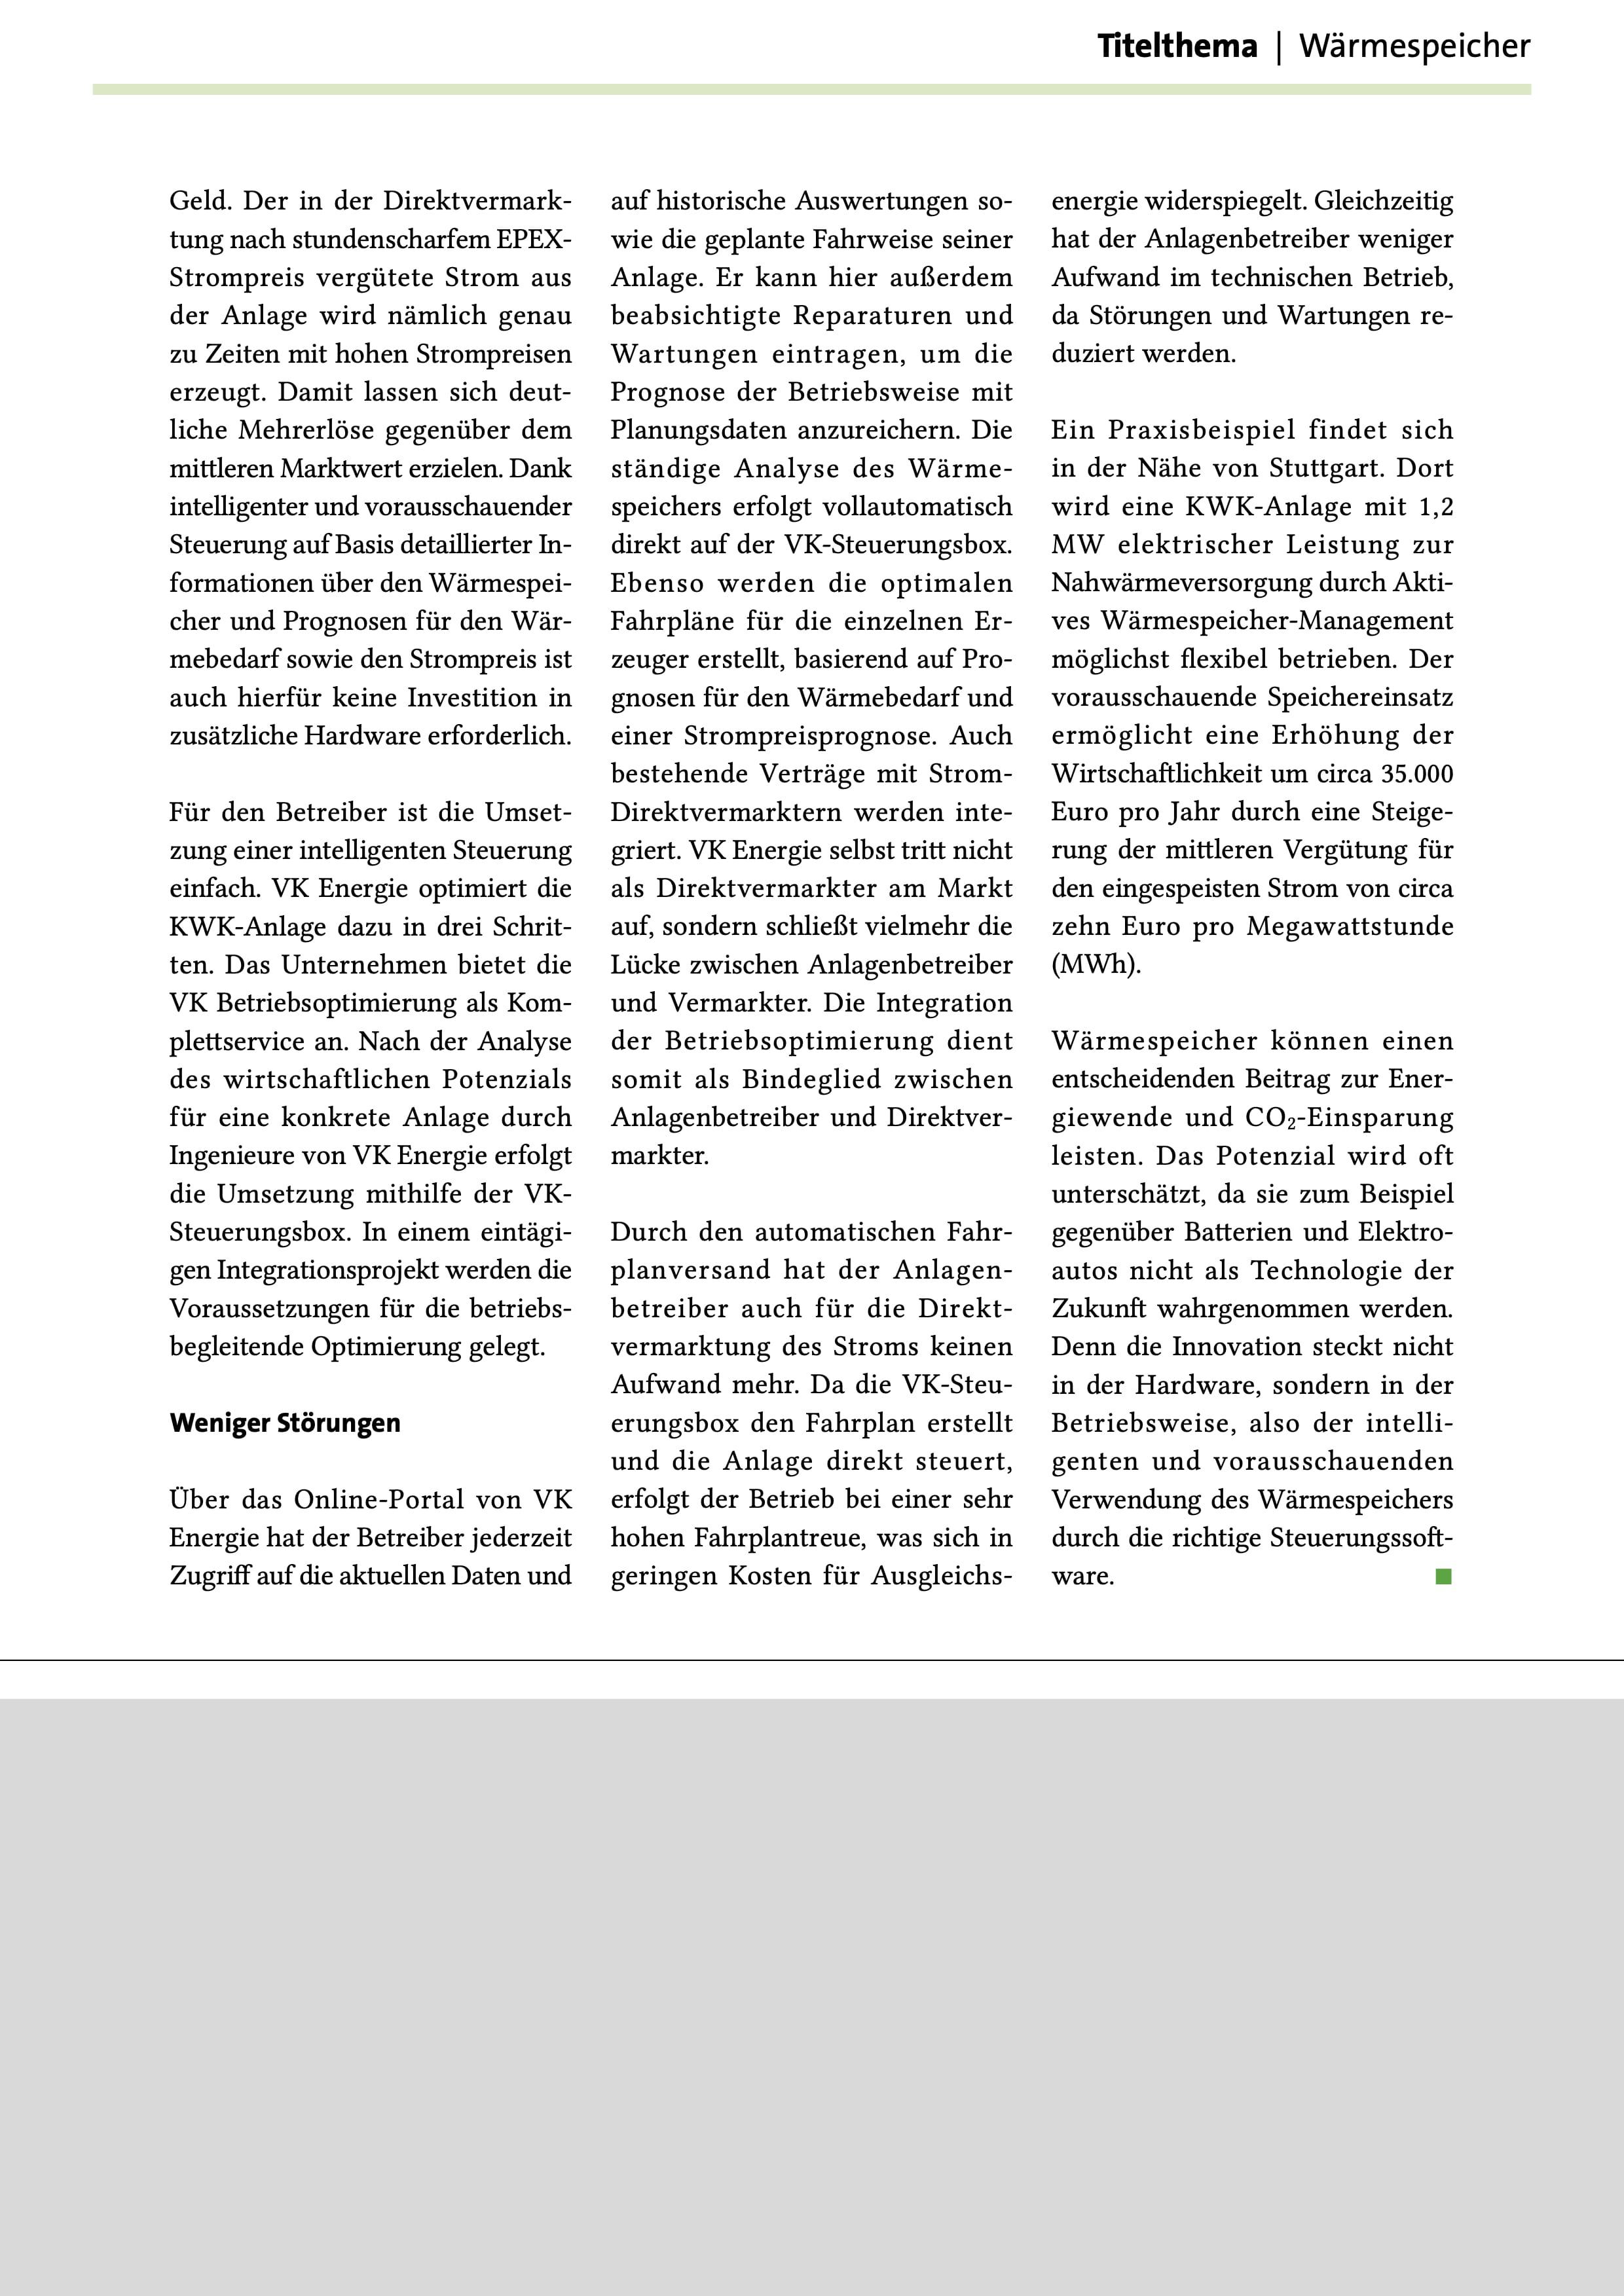 stadt+werk_1_2020_Artikel_S.2_Dr._Jungwirth